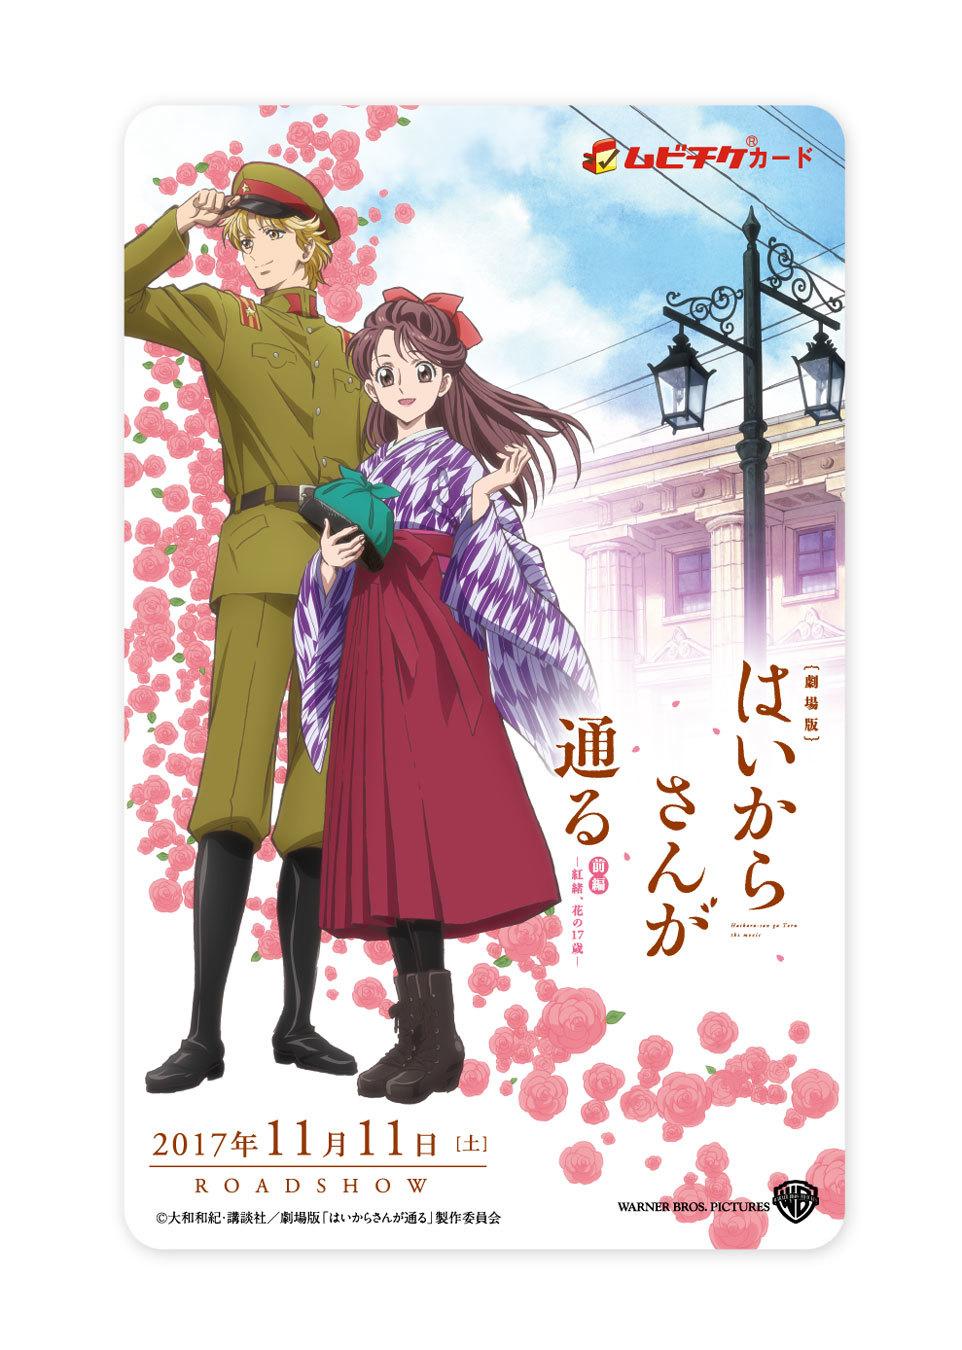 ムビチケ (C)大和和紀・講談社/劇場版「はいからさんが通る」製作委員会